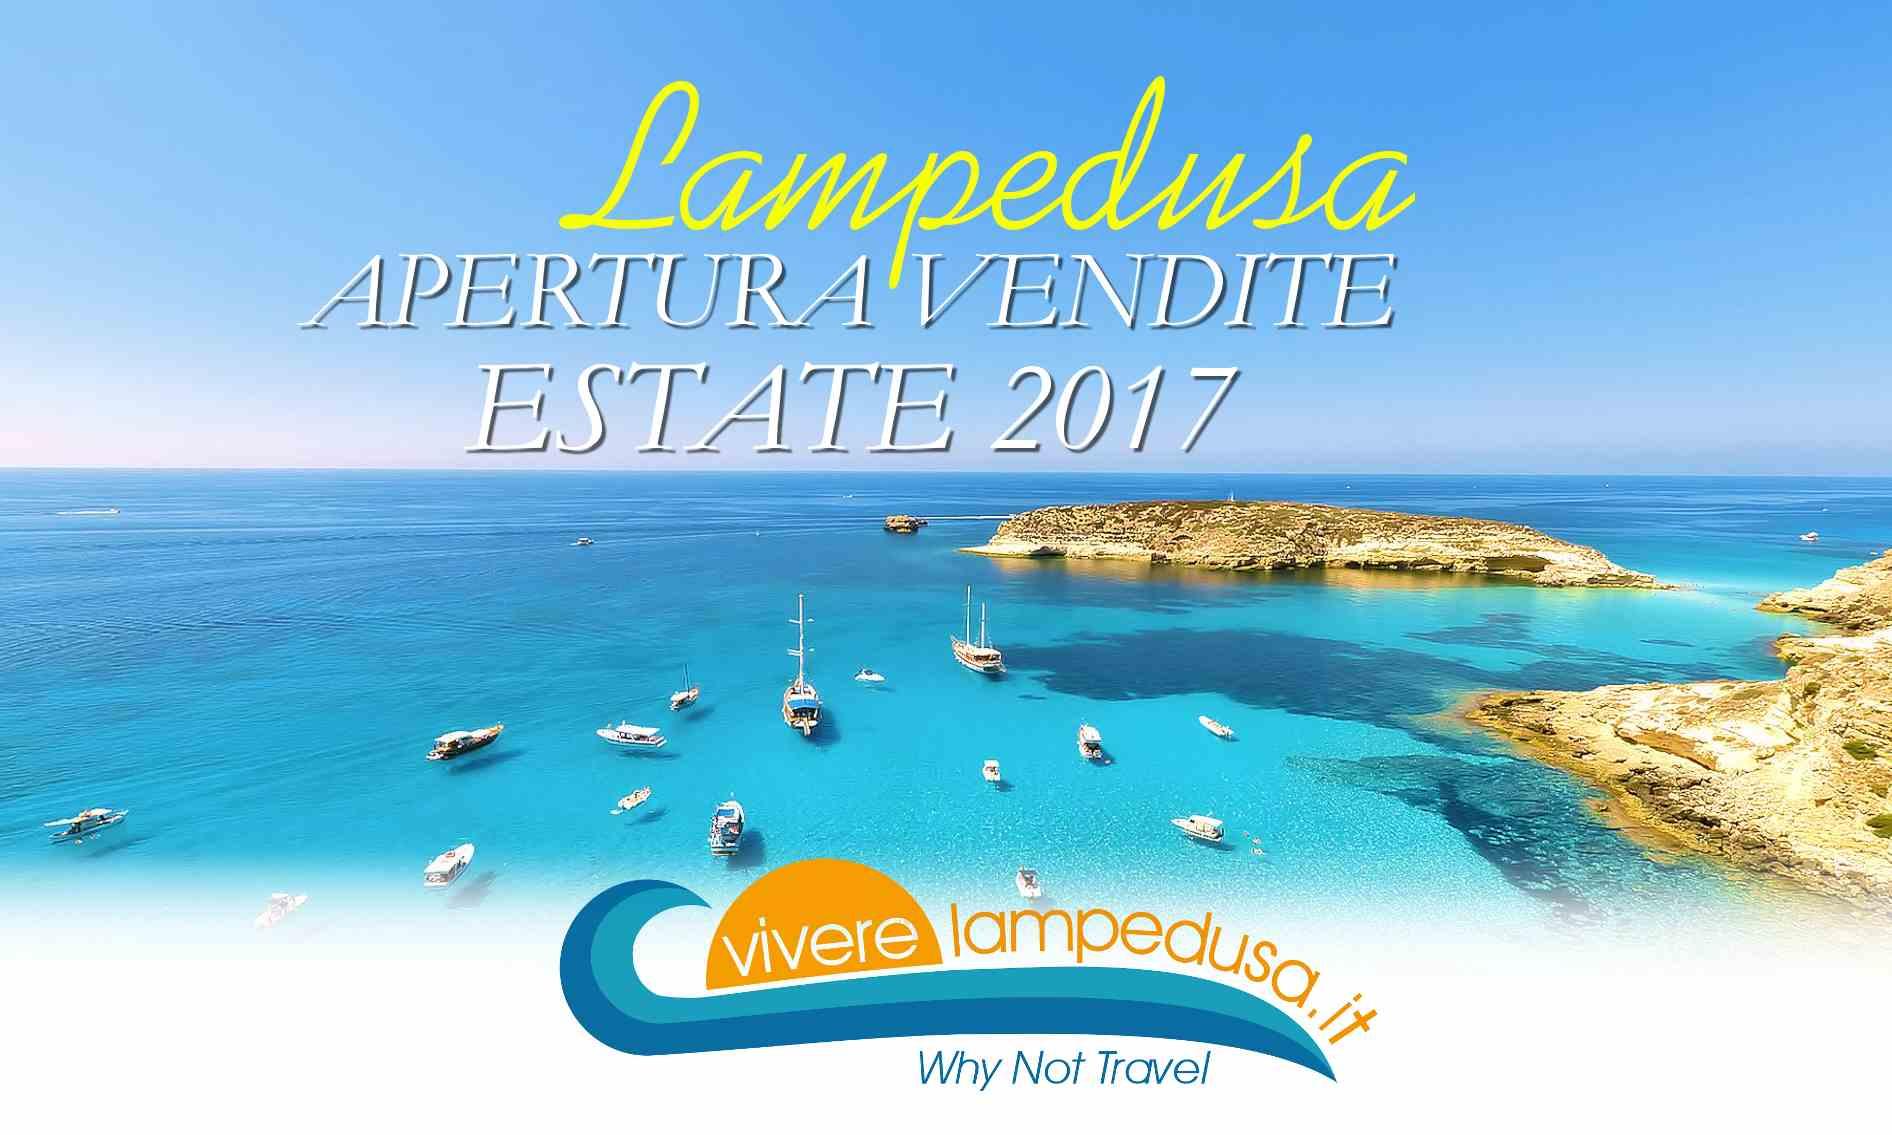 Vivere Pantelleria spinge su Lampedusa con un volo diretto ...